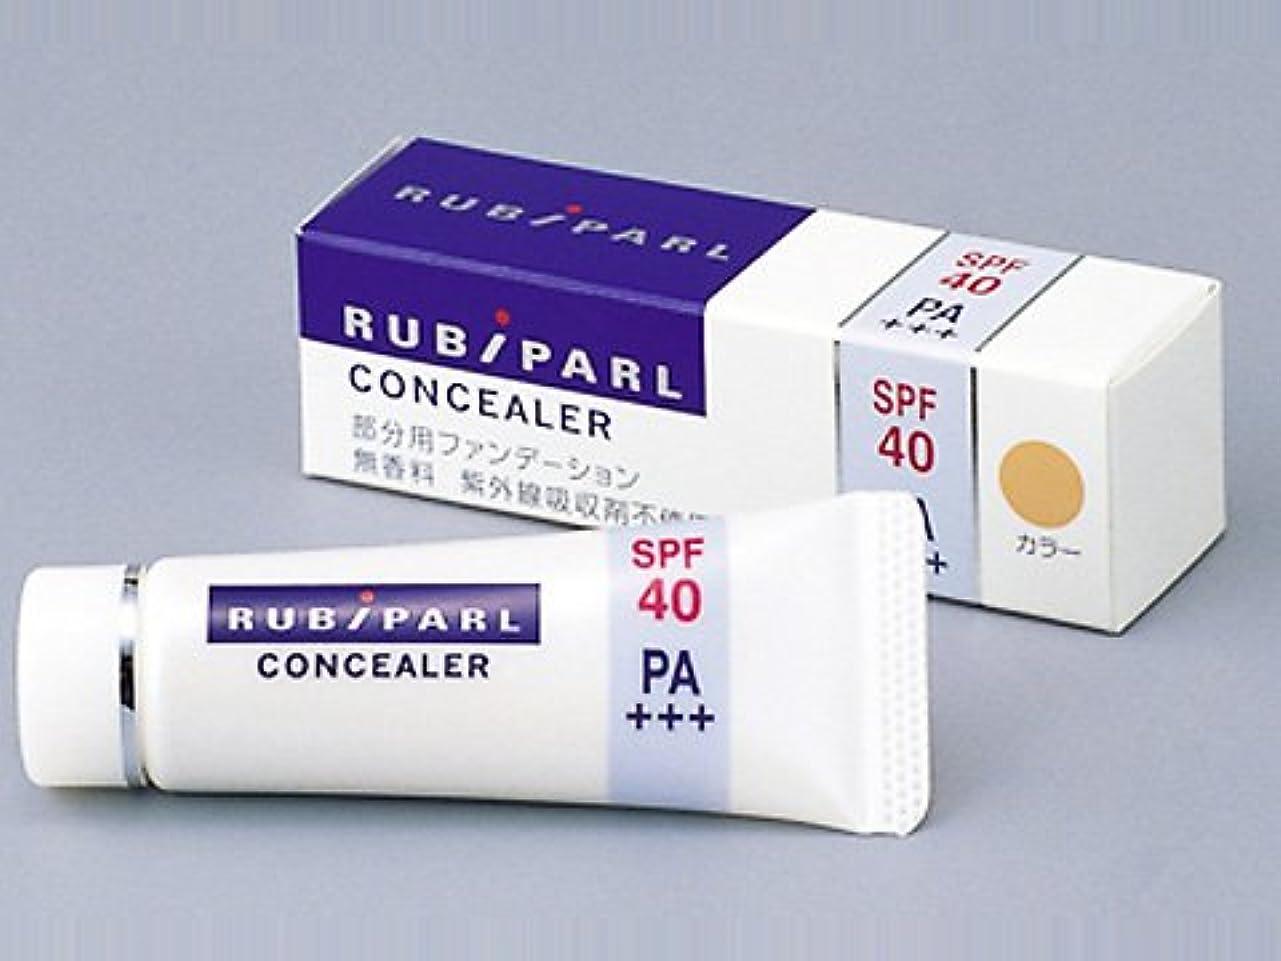 雇ったかもしれないシリングルビパール コンシーラーナチュラル 15g (普通~健康的な肌色の方に)SPF40?PA+++ 部分用ファンデーション